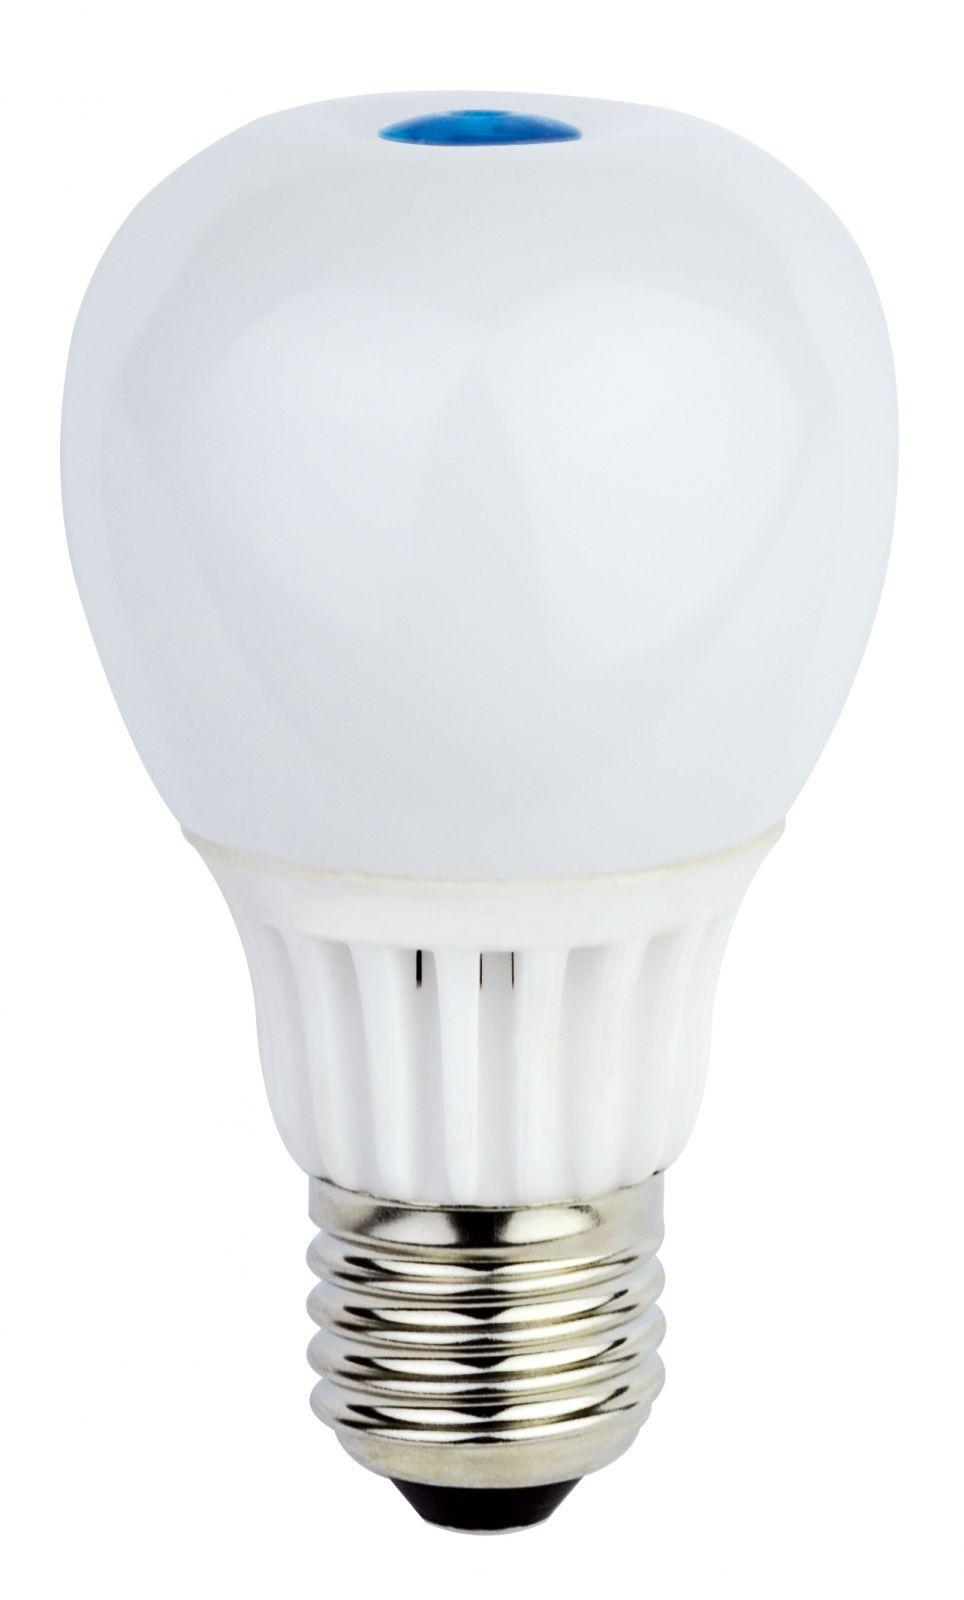 SA60-F7W 7W E27 melegfehér 3000K  LED izzó VentApp technológiával